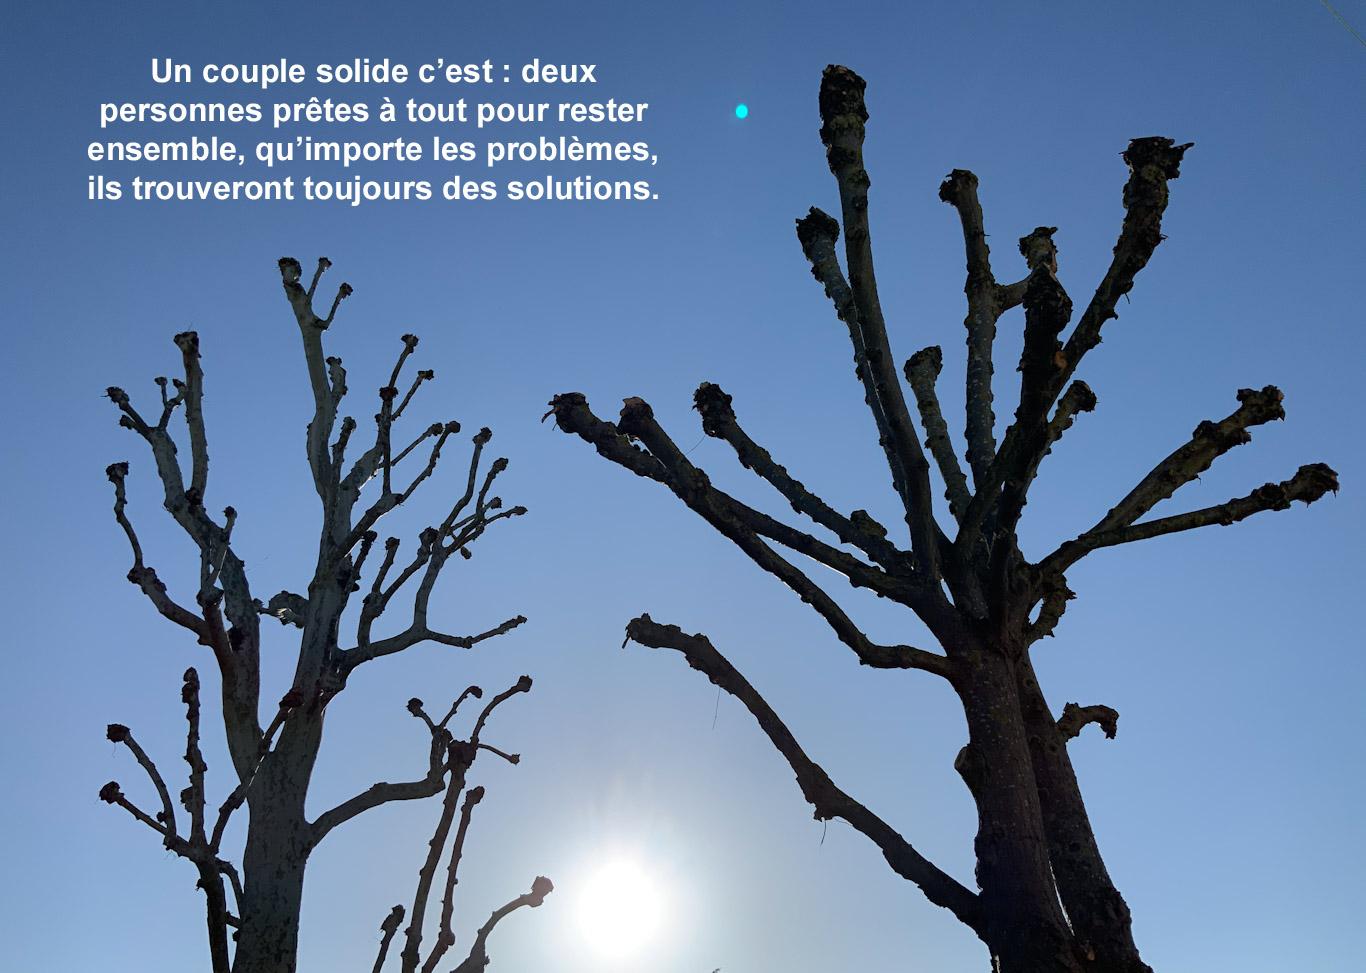 Citation : couple solide